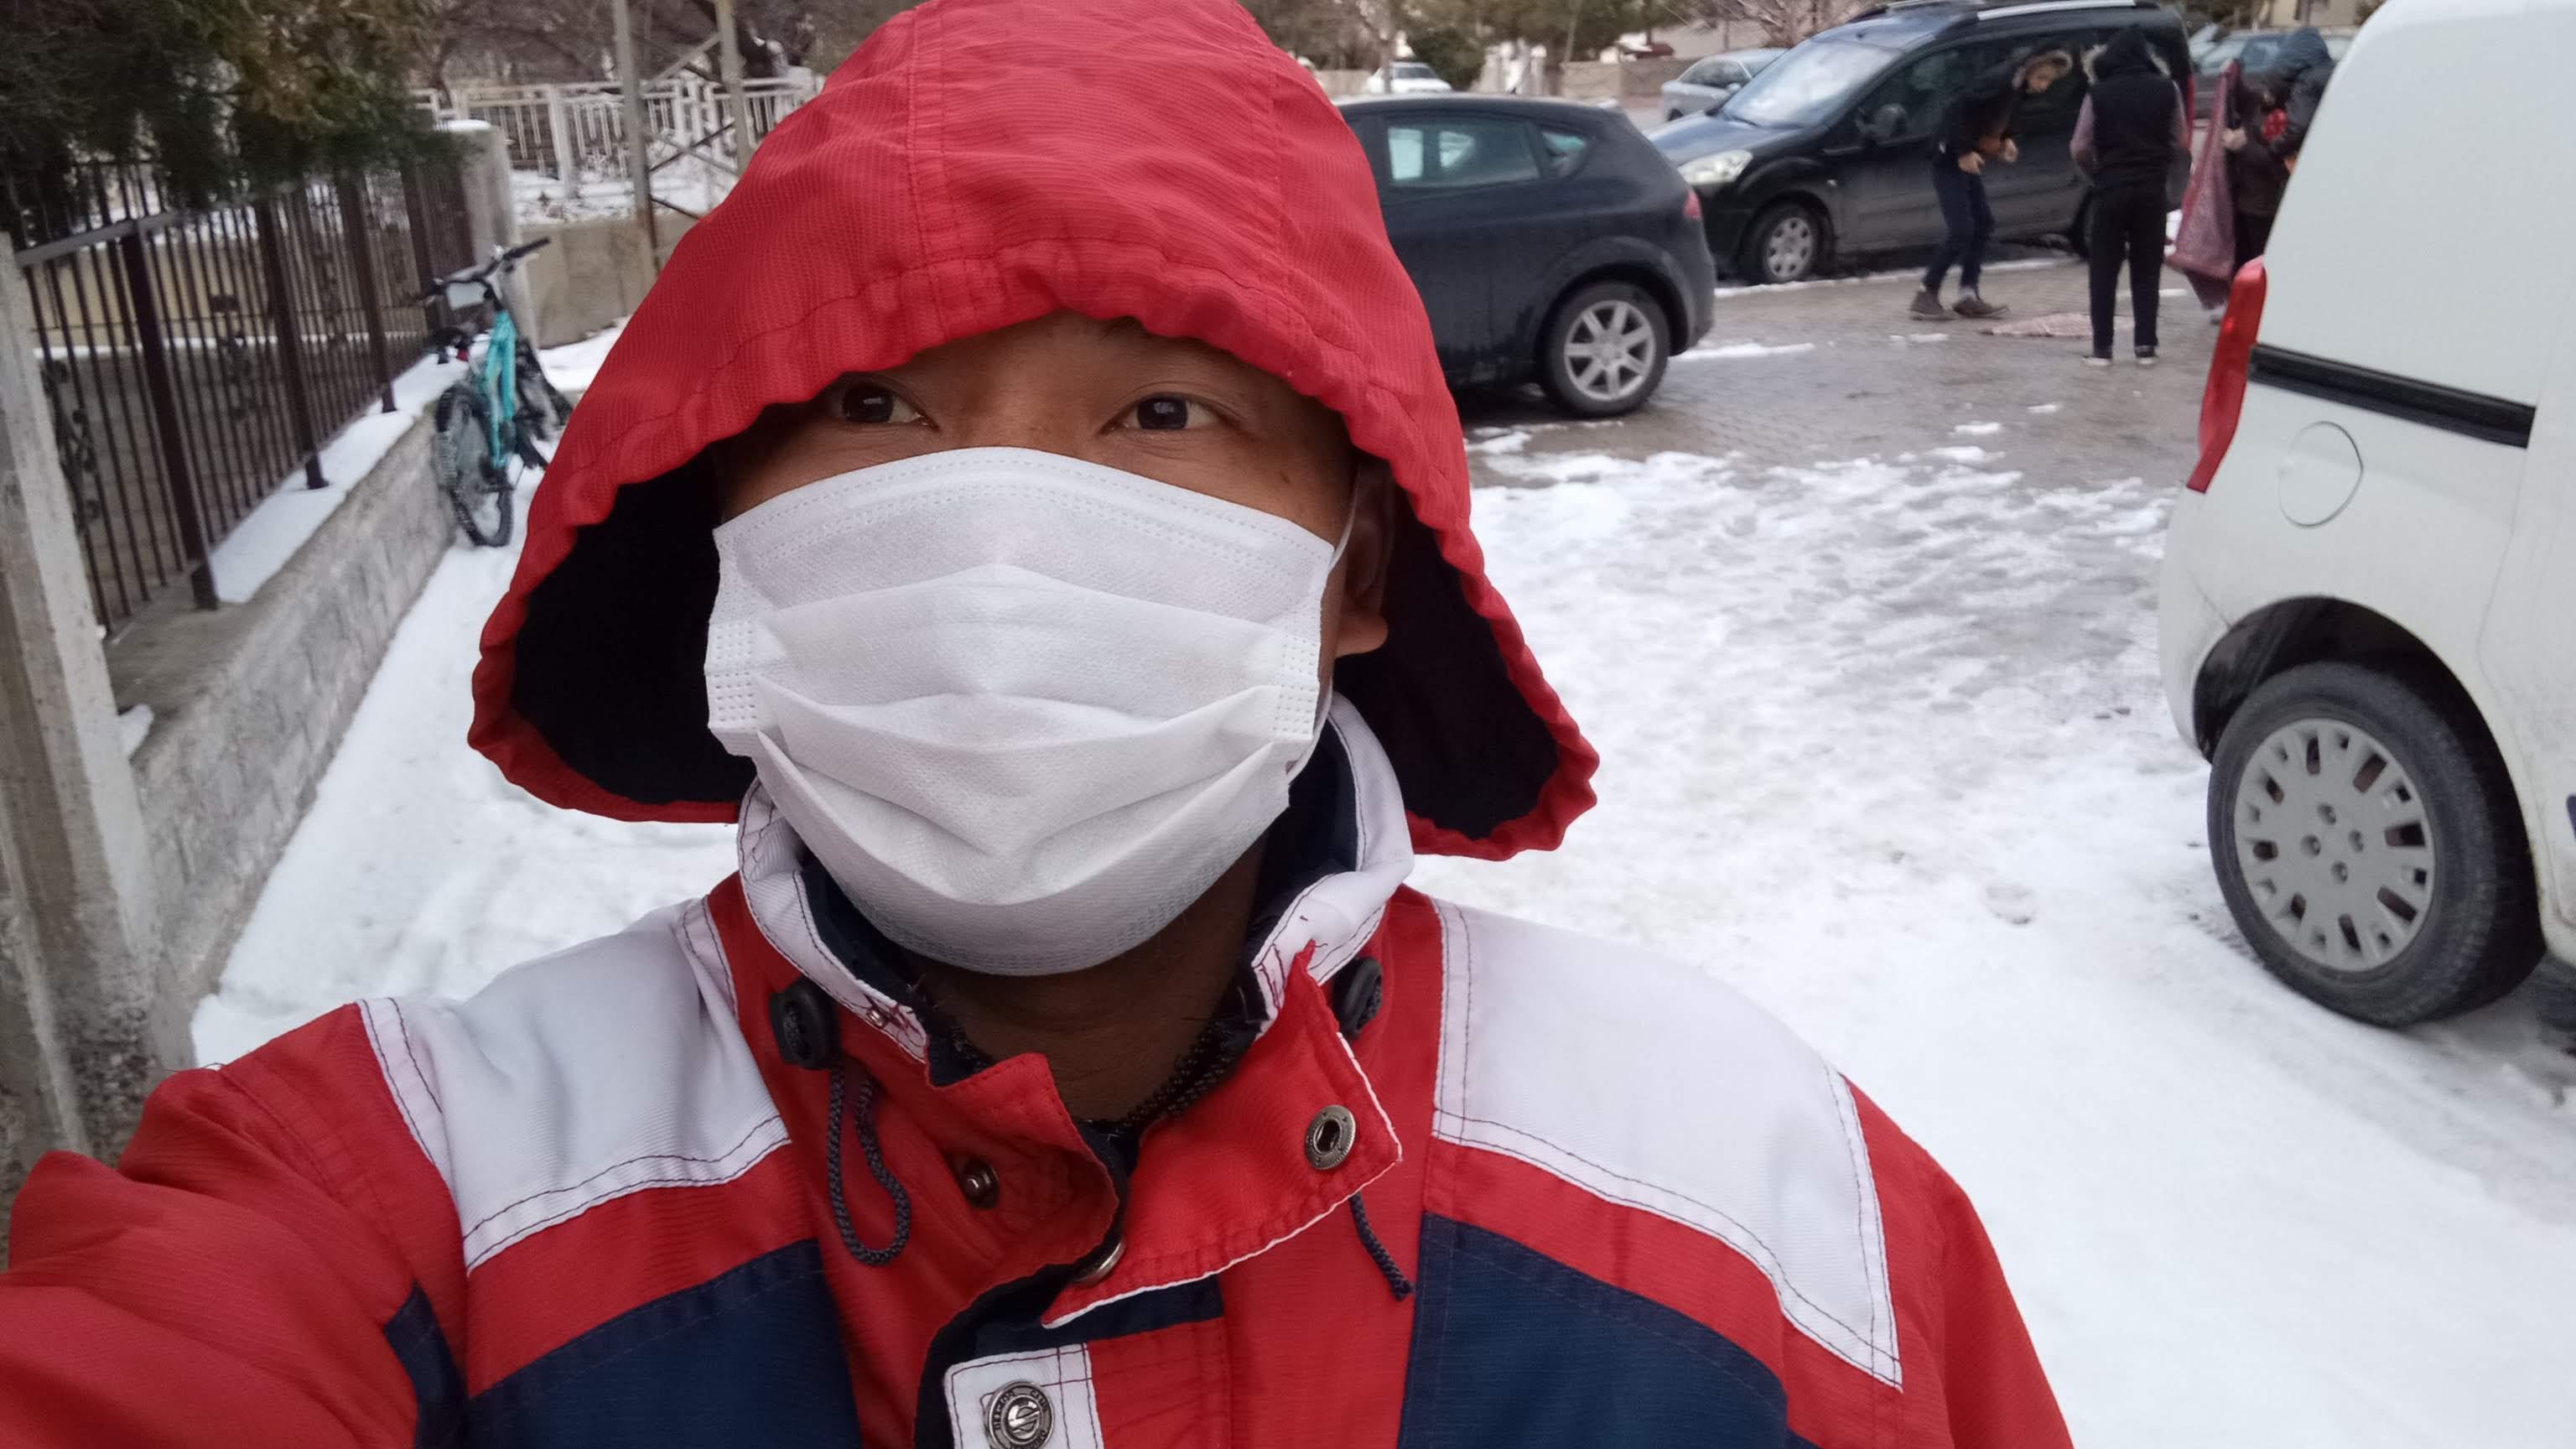 Shalat Jumat Di Tengah-tengah Musim Dingin Saat Hujan Salju